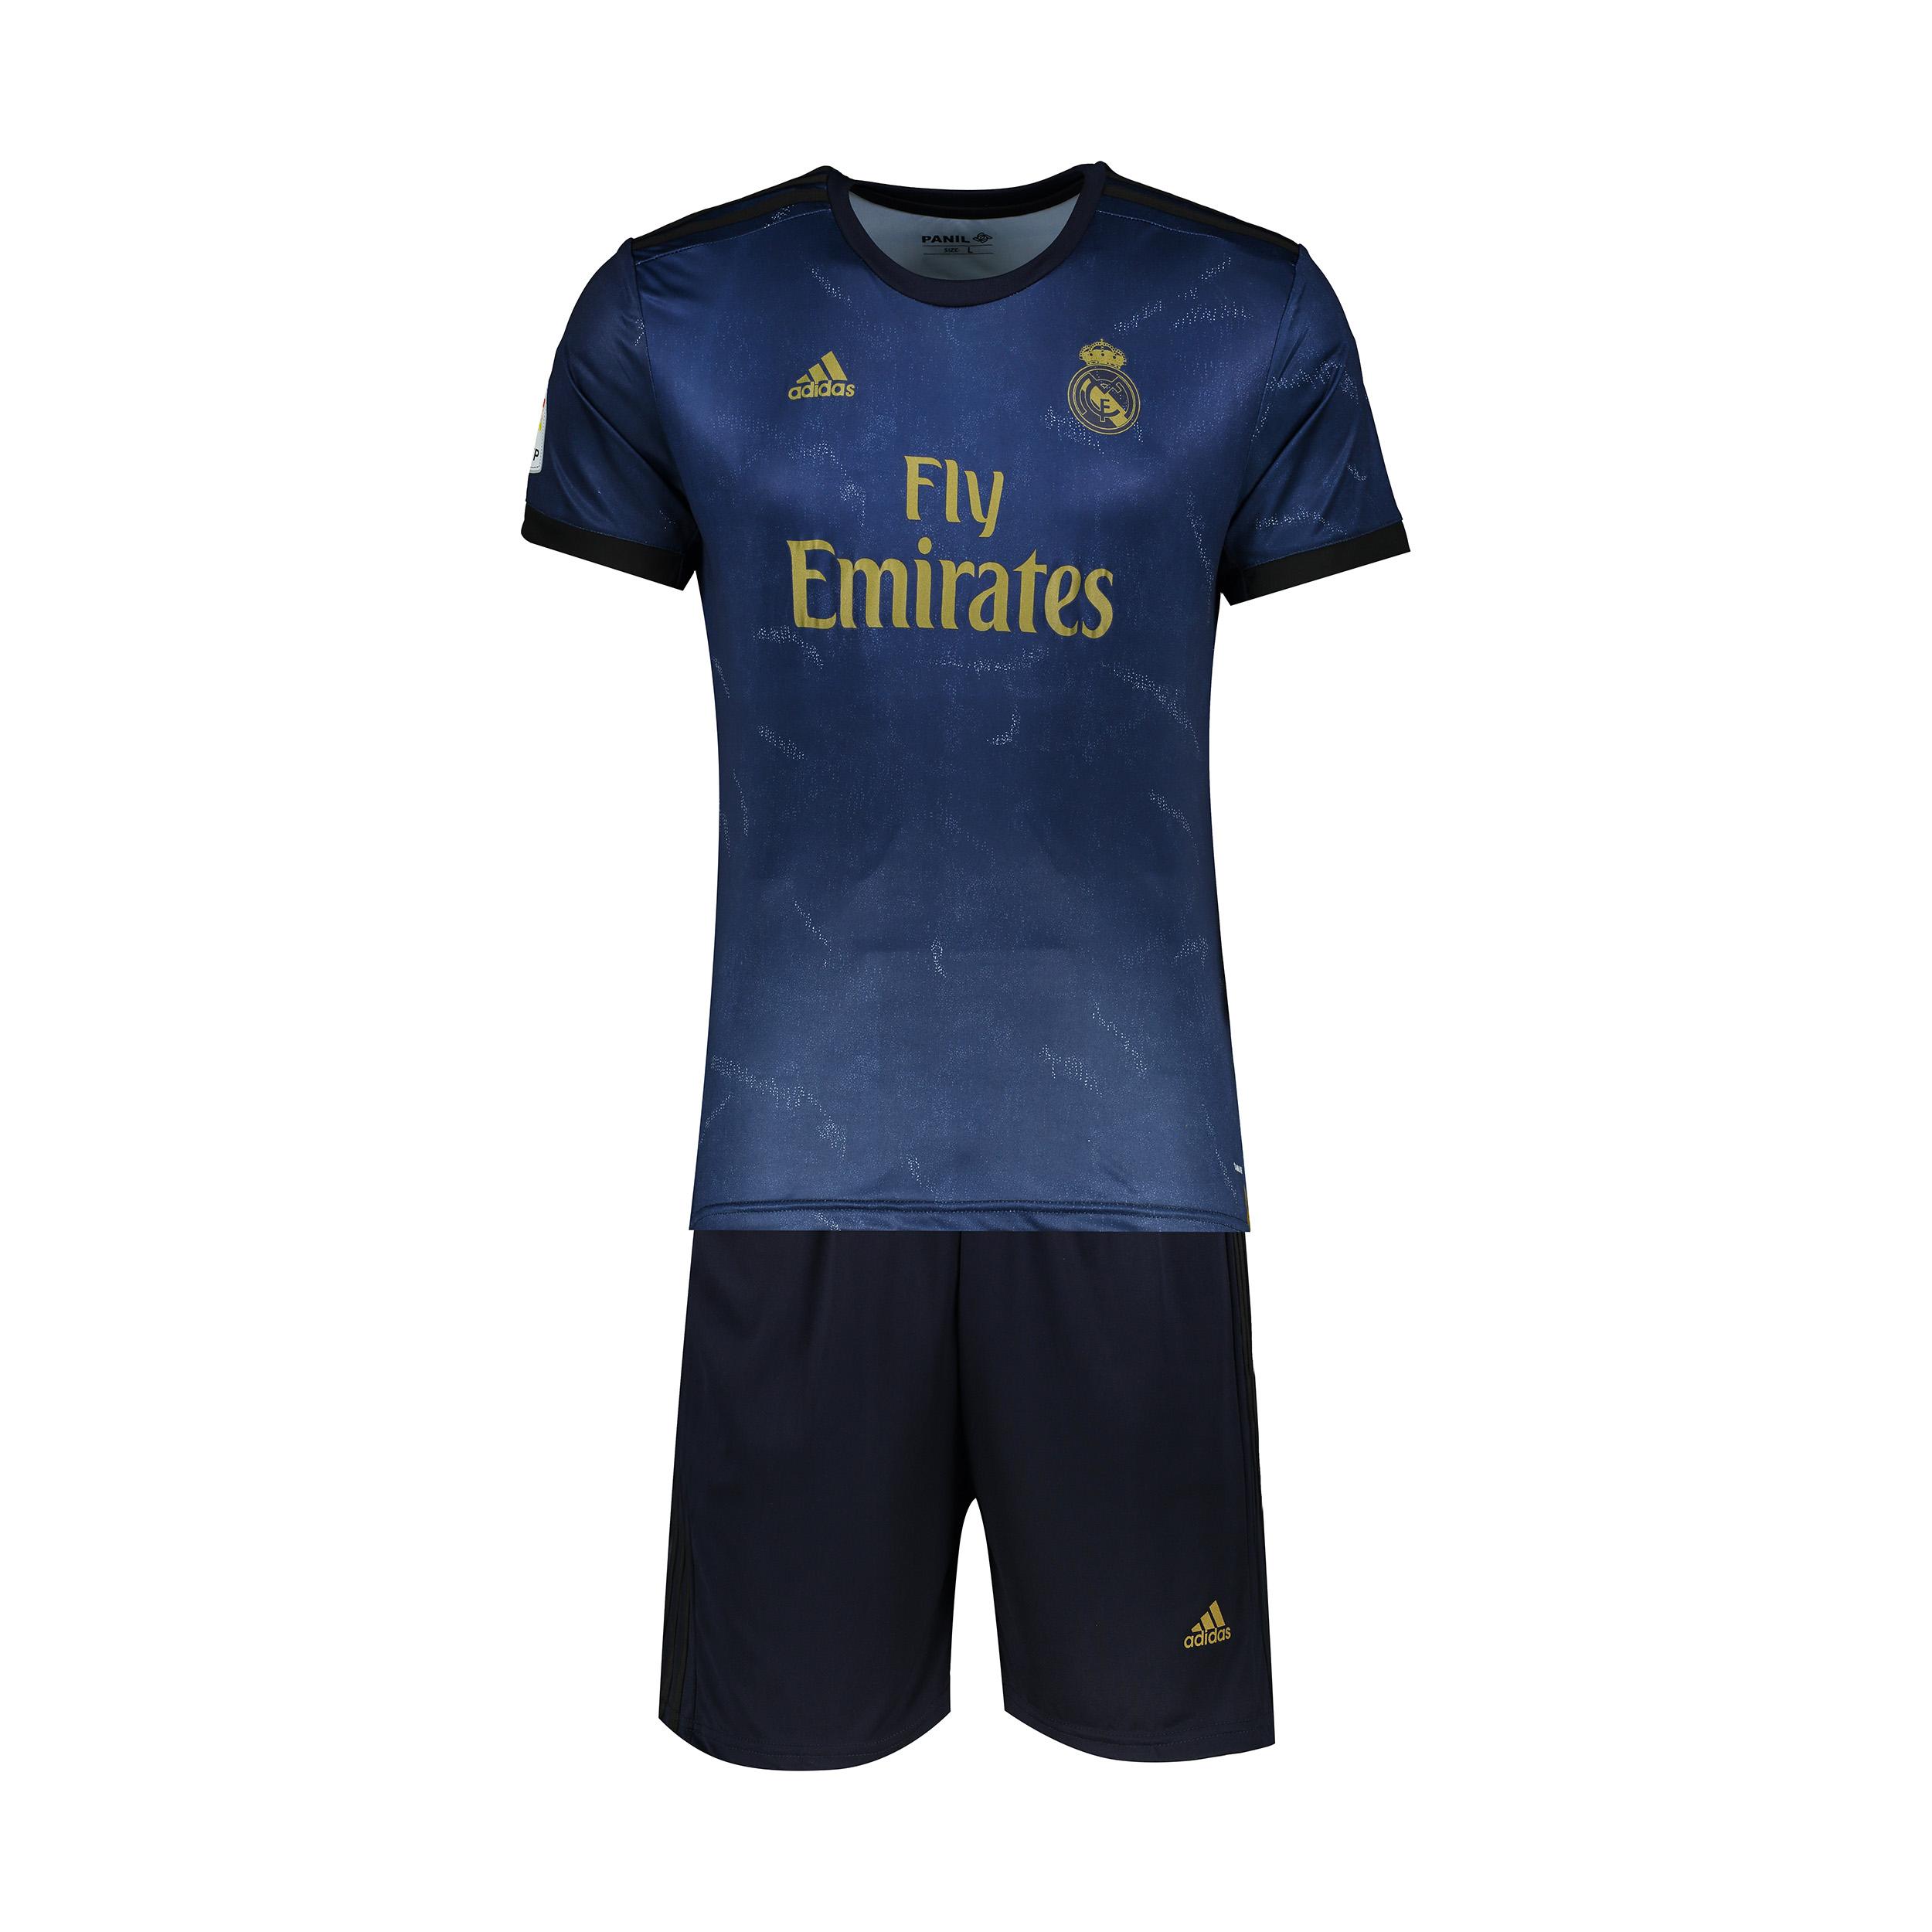 ست پیراهن و شورت ورزشی پسرانه پانیل طرح تیم رئال مادرید کد 23049